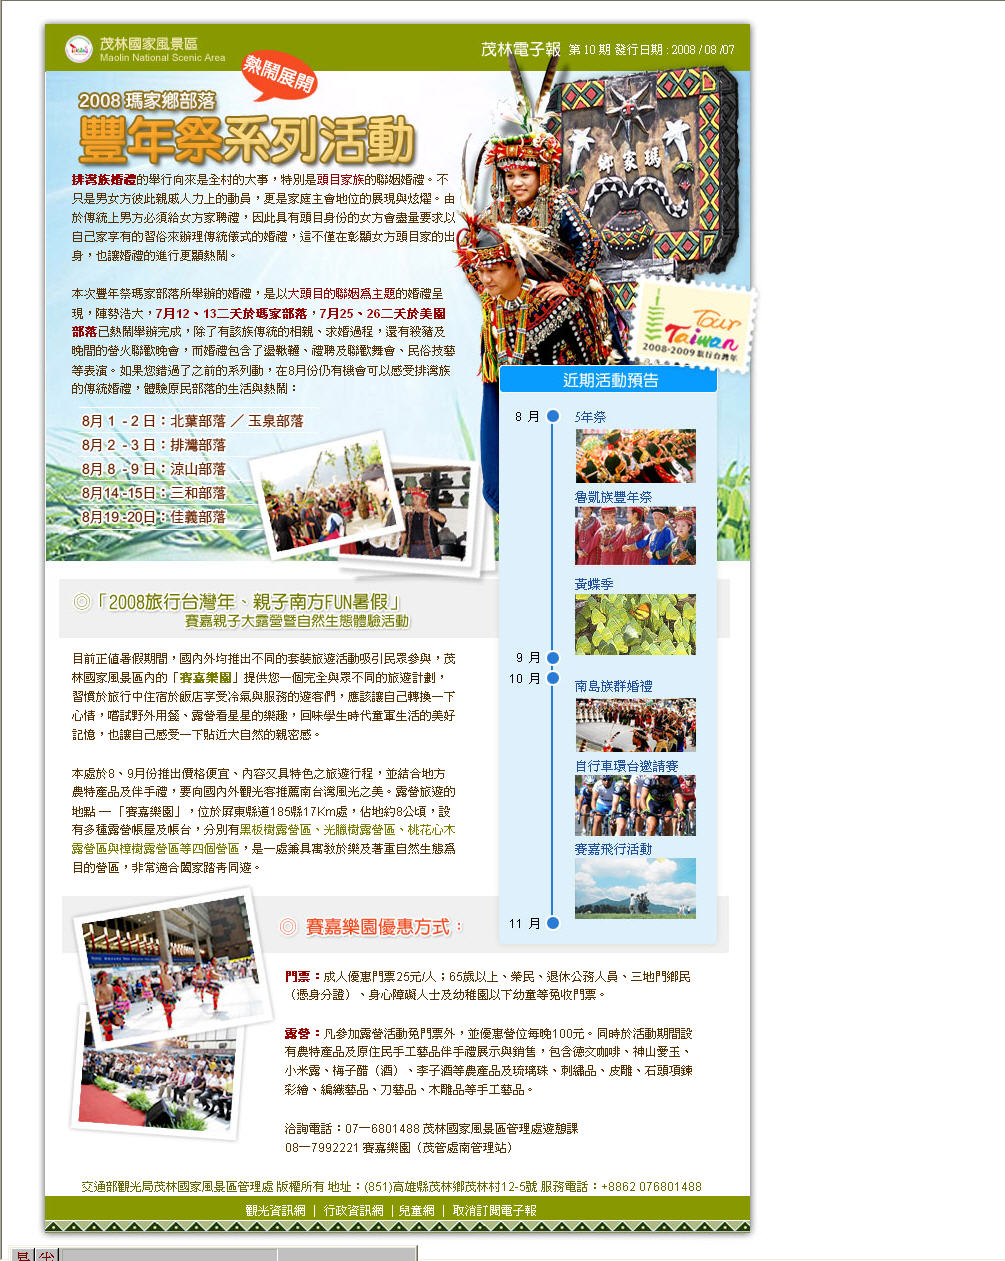 茂林国家风景区管理处:::历史电子报